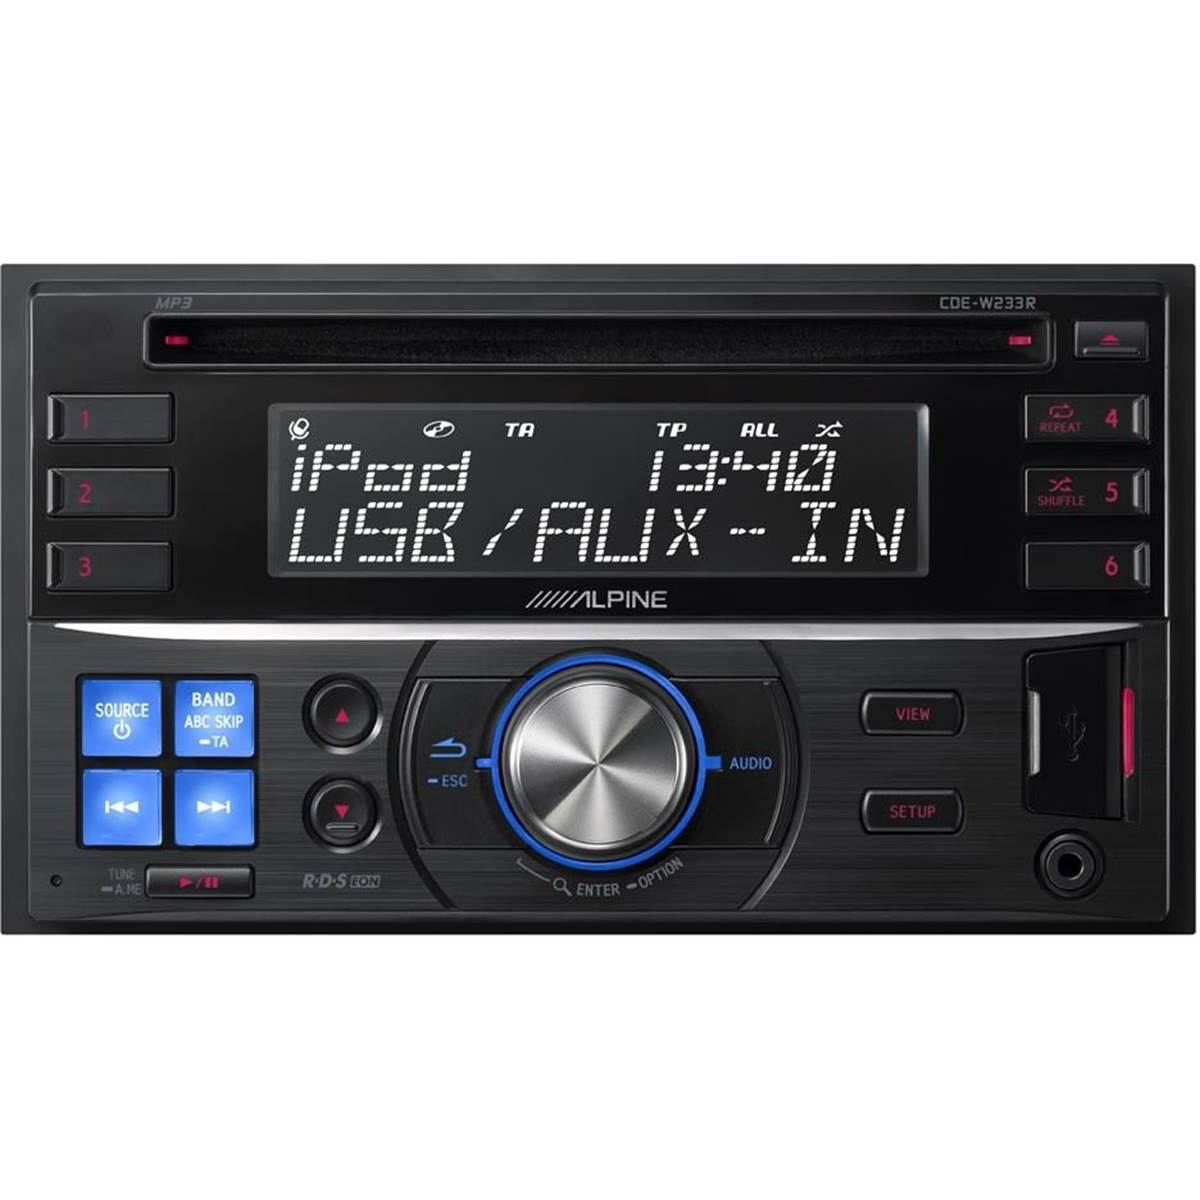 Autoradio Alpine CDE-W233R